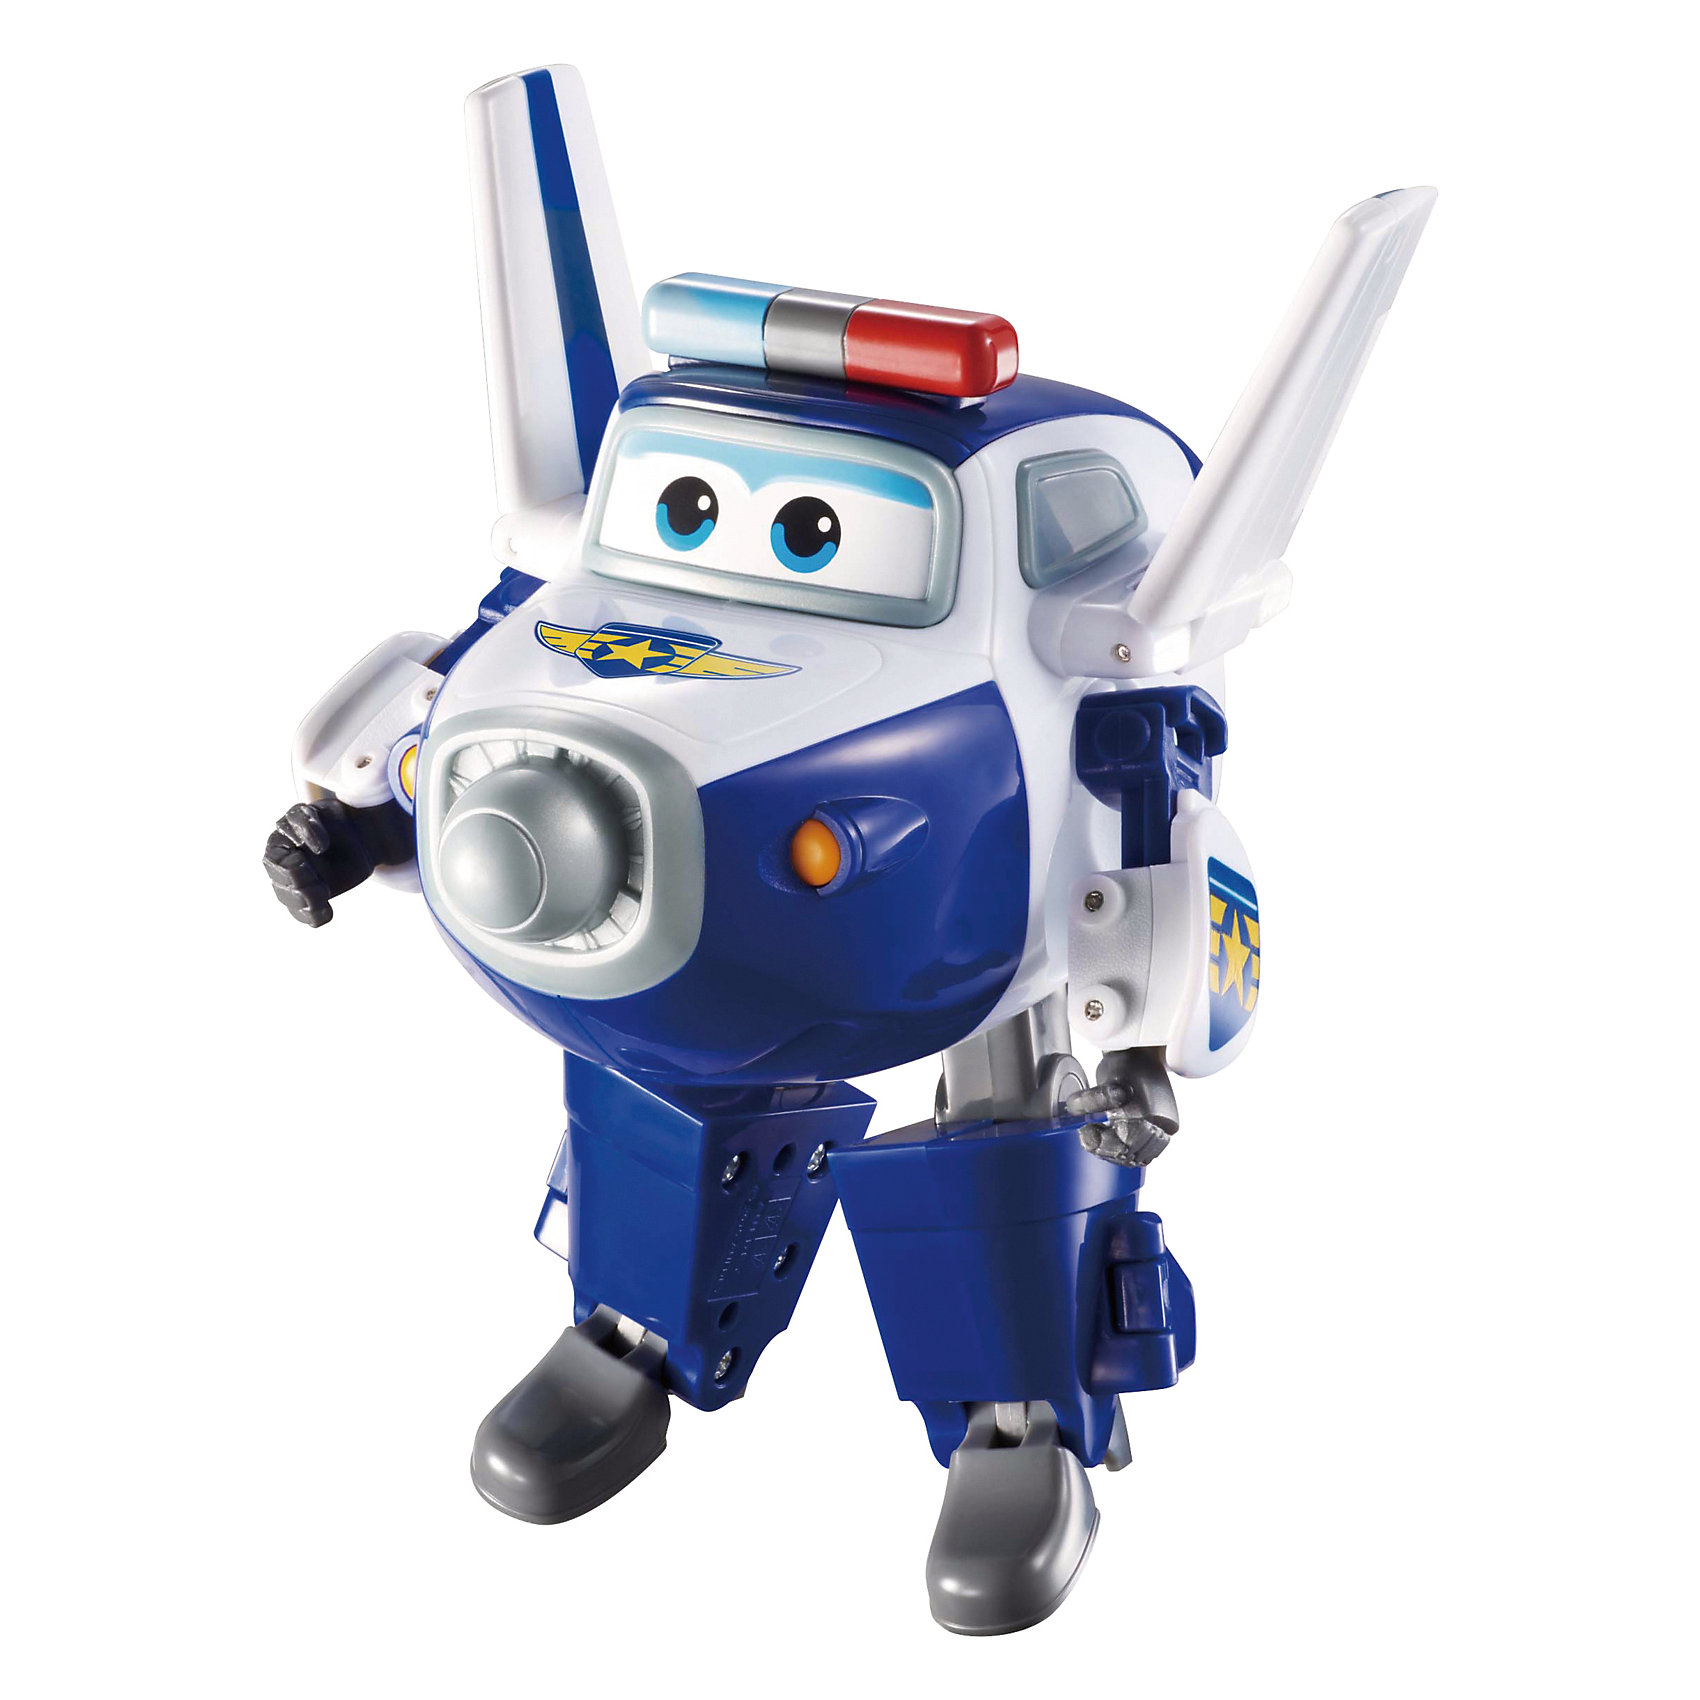 Трансформер Пол, Супер КрыльяИграть с самолетами любит практически каждый ребенок. Сделать игру ярче и увлекательнее поможет герой популярного мультфильма Супер Крылья, любимого детьми. Игрушка всего за несколько мгновений трансформируется из самолета в робота. К нему можно также фигурки-трансформеры заказать друзей из этого мультфильма! Компактный размер позволит ребенку брать игрушку с собой в гости или на прогулку.                <br>Этот трансформер обязательно порадует ребенка! Игры с ним также помогают детям развивать воображение, логику, мелкую моторику и творческое мышление. Самолет сделан из качественных и безопасных для ребенка материалов.<br><br>Дополнительная информация:<br><br>цвет: разноцветный;<br>размер упаковки: 13 х 16 х 7 см;<br>вес: 400 г;<br>материал: пластик.<br><br>Игрушку Трансформер Пол можно купить в нашем магазине.<br><br>Ширина мм: 130<br>Глубина мм: 160<br>Высота мм: 70<br>Вес г: 400<br>Возраст от месяцев: 36<br>Возраст до месяцев: 2147483647<br>Пол: Мужской<br>Возраст: Детский<br>SKU: 4918781